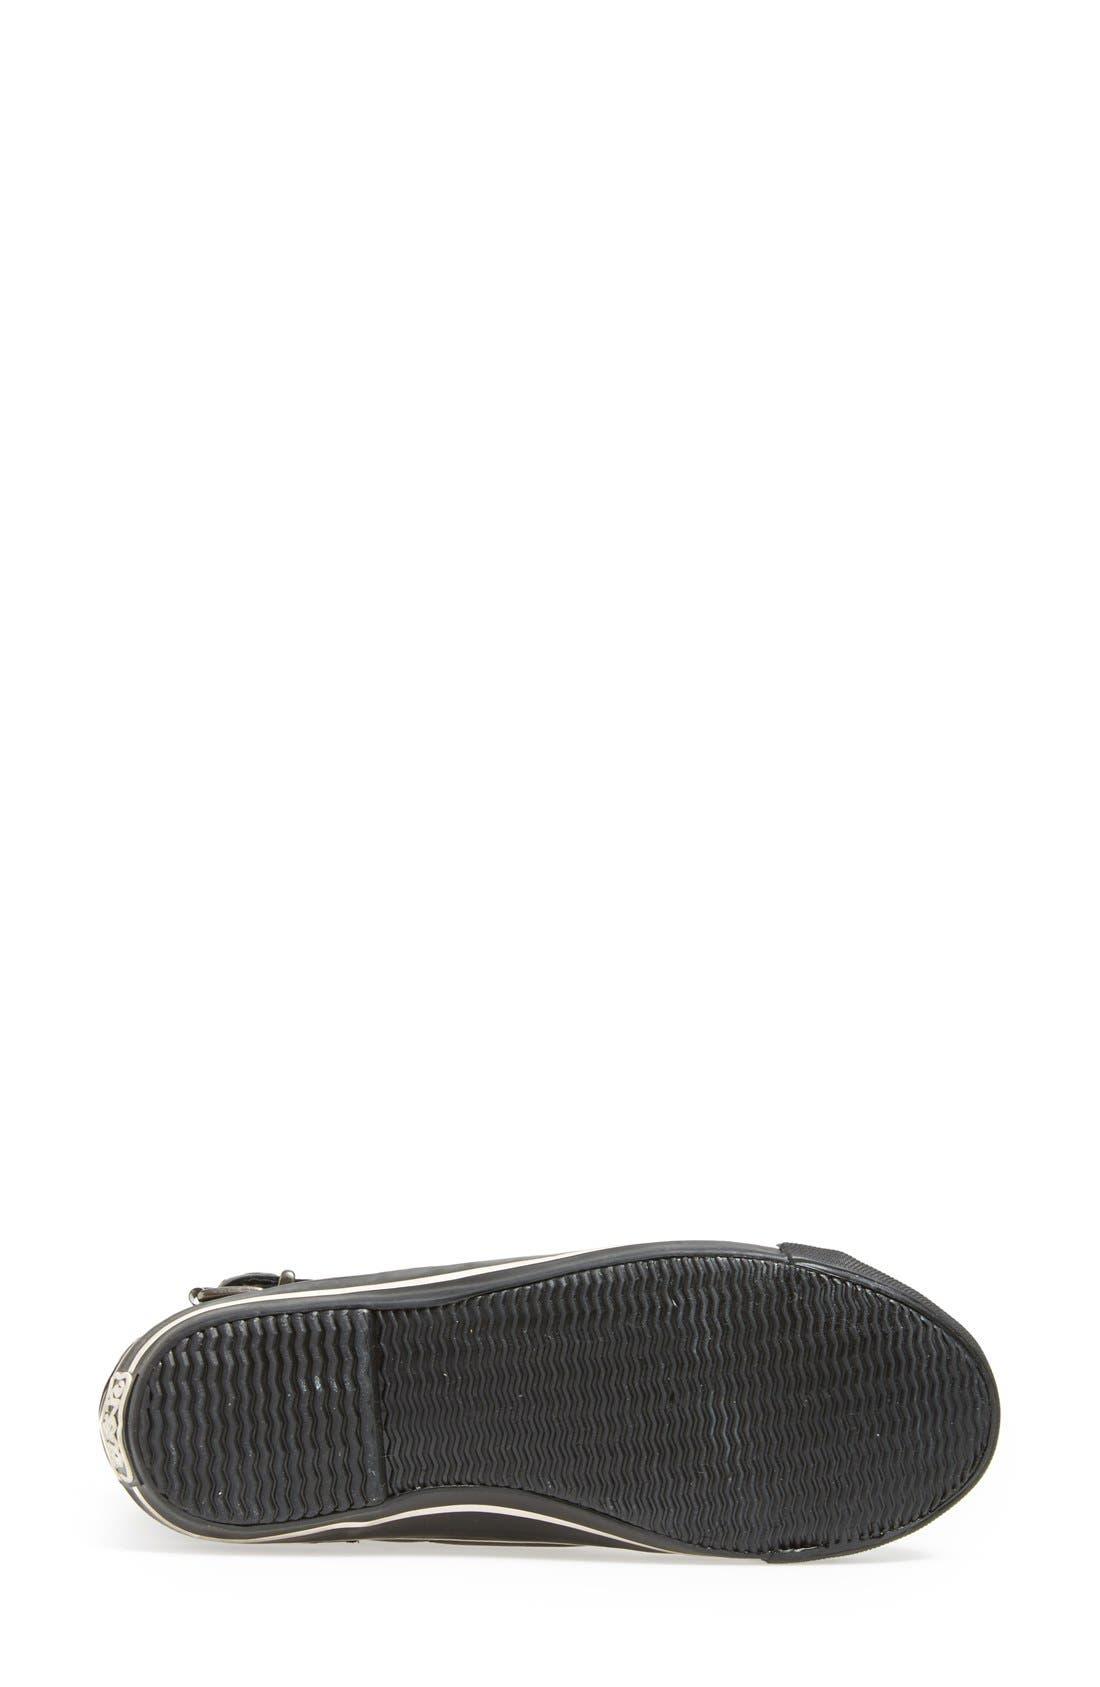 Alternate Image 4  - Ash 'Vangelis' High Top Sneaker (Women)